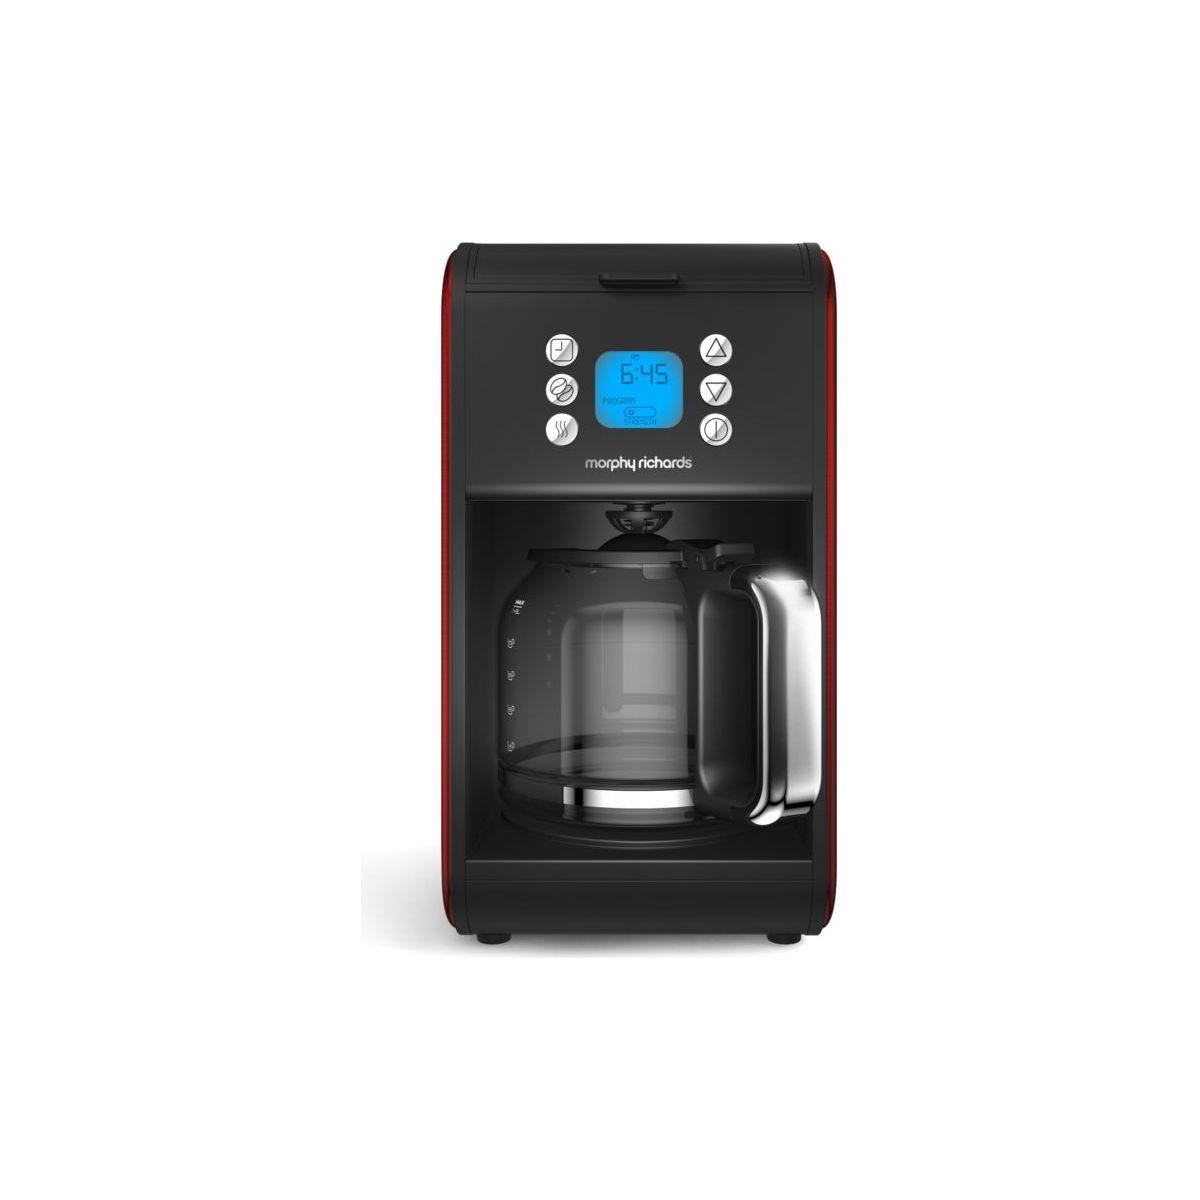 Cafeti�re programmable morphy richards accent refresh rouge - 10% de remise imm�diate avec le code : deal10 (photo)